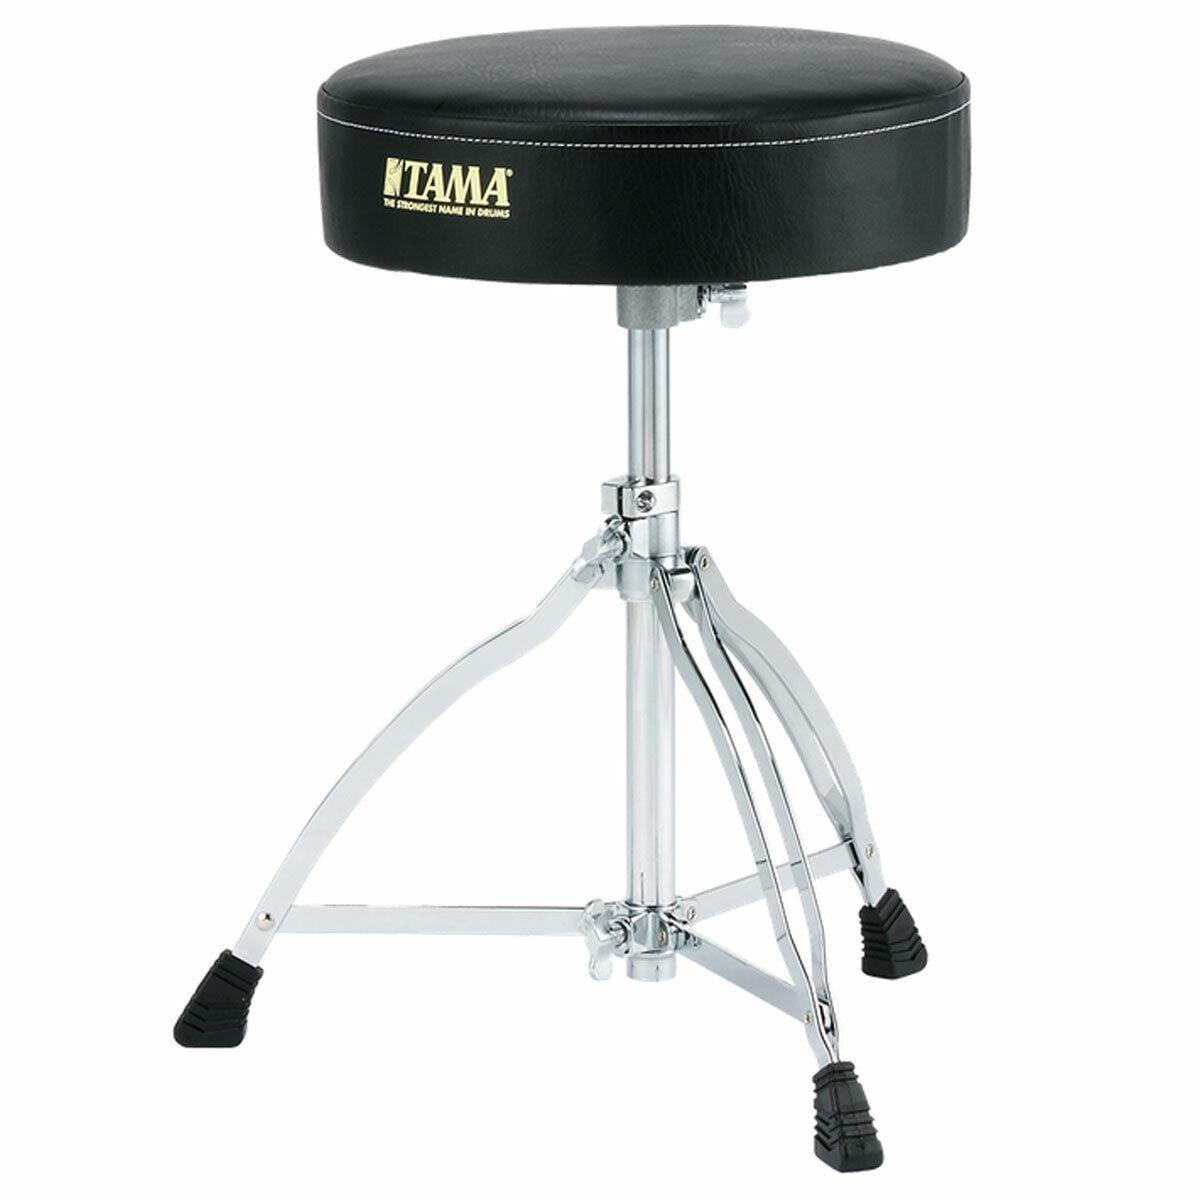 Tama HT130 Rundsitz Drumhocker Schlagzeug-Hocker